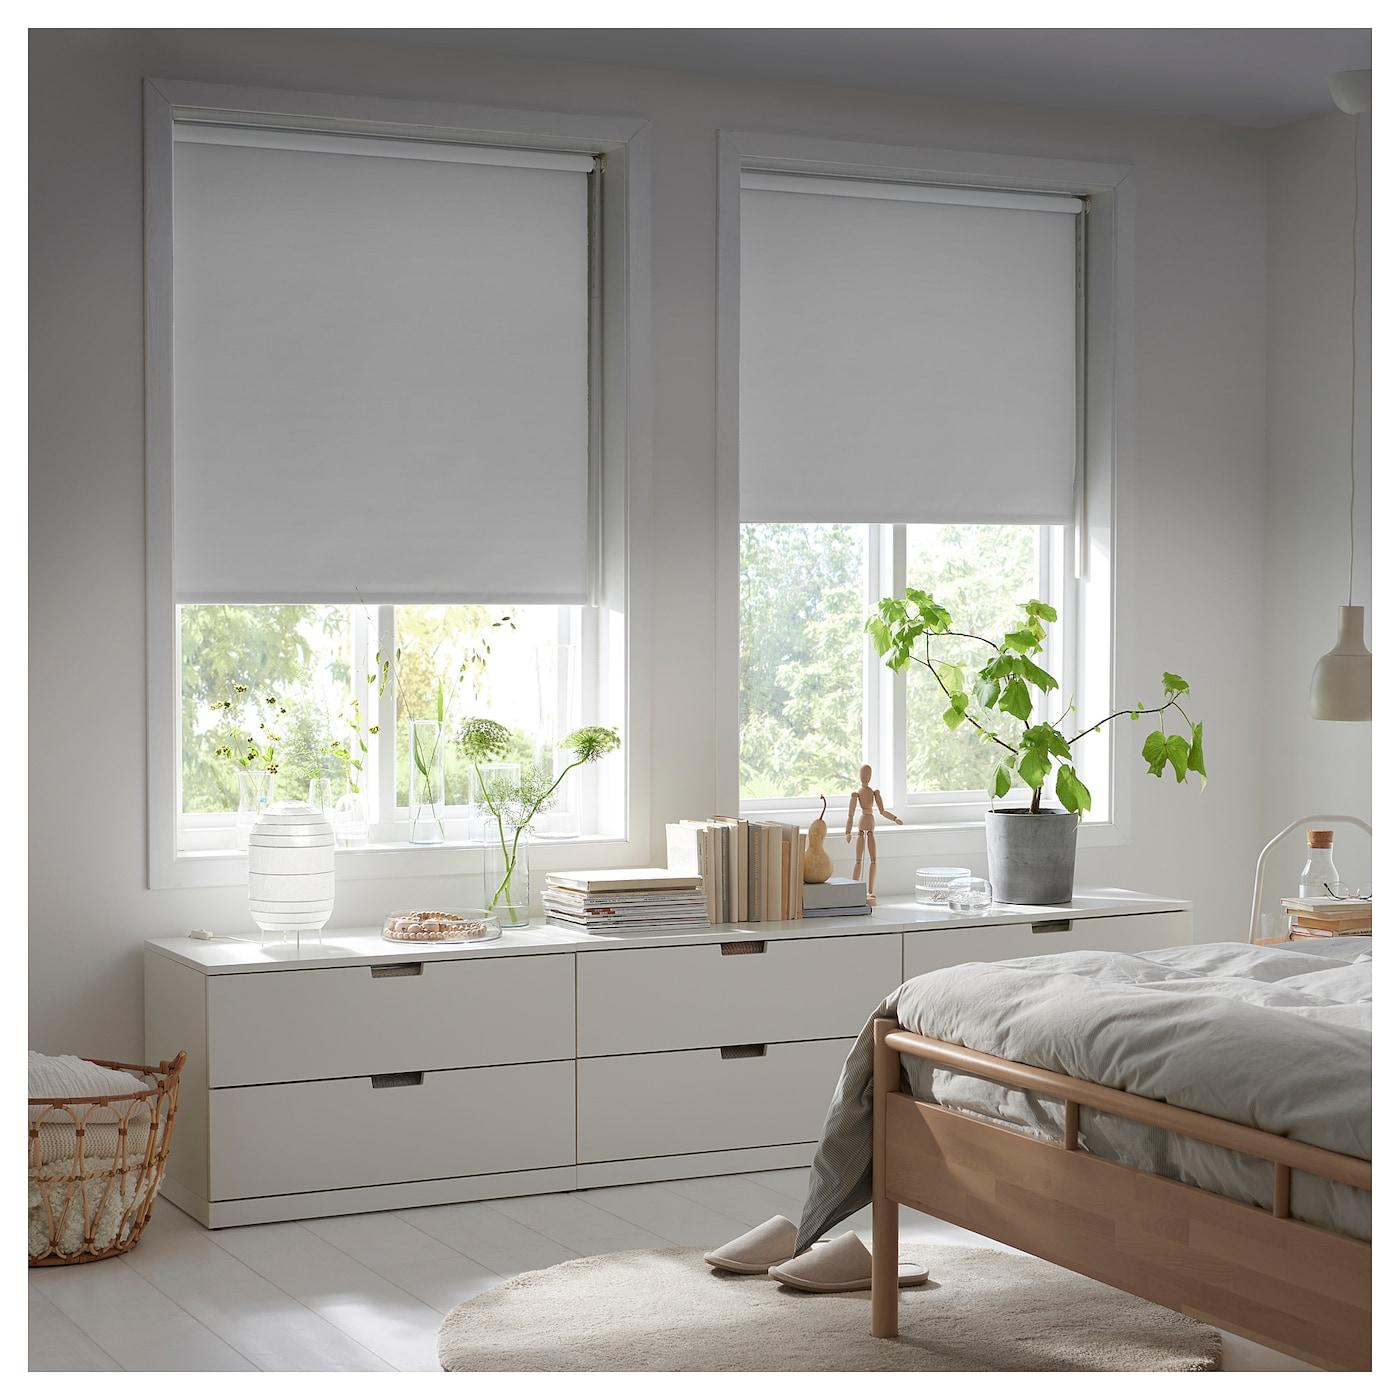 fridans block out roller blind white 80 x 195 cm ikea. Black Bedroom Furniture Sets. Home Design Ideas